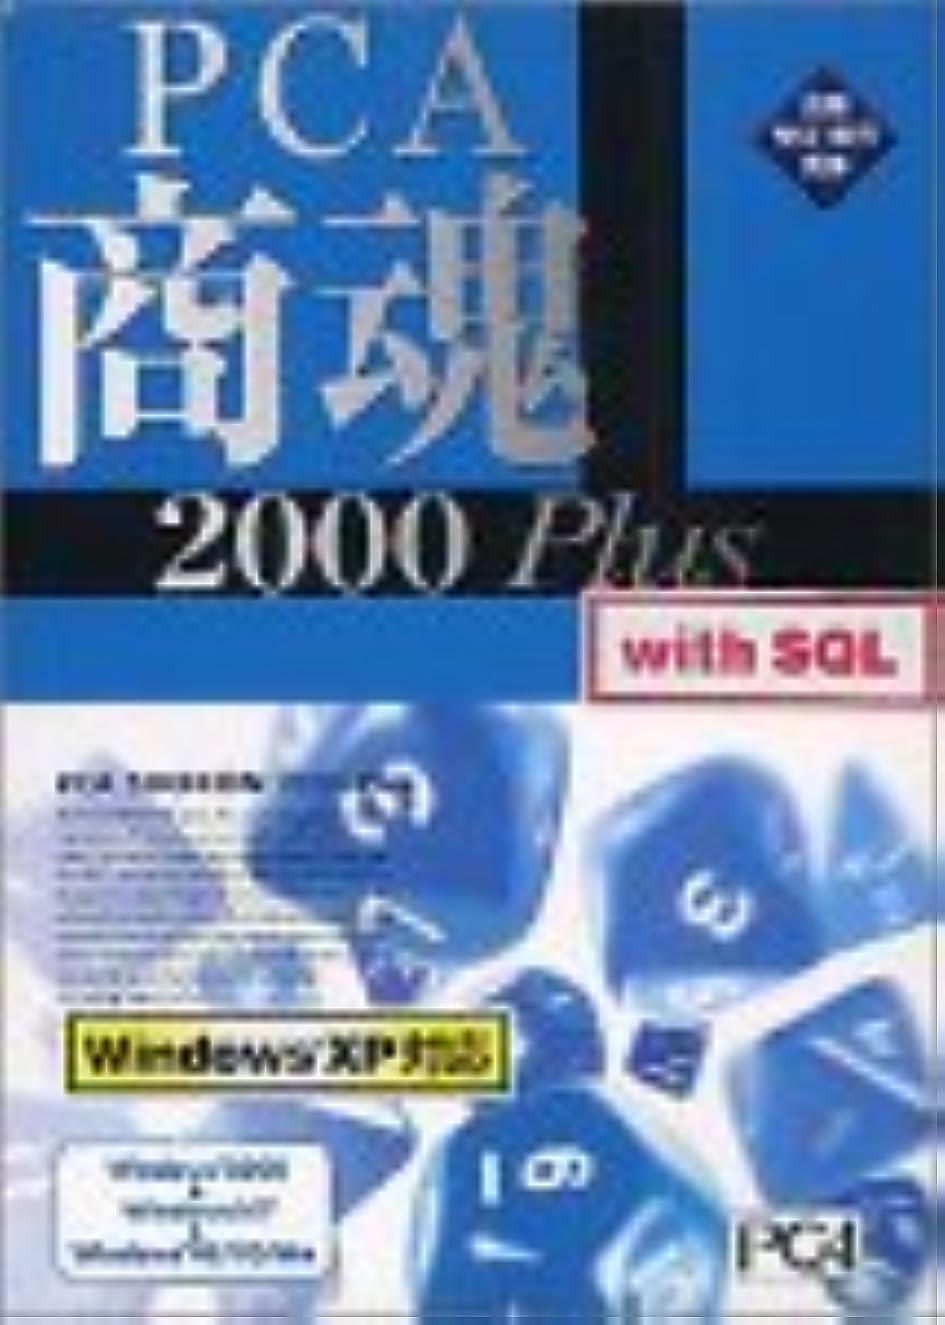 理論比べる樹皮PCA商魂?商管 2000 Plusセット with SQL 3クライアント